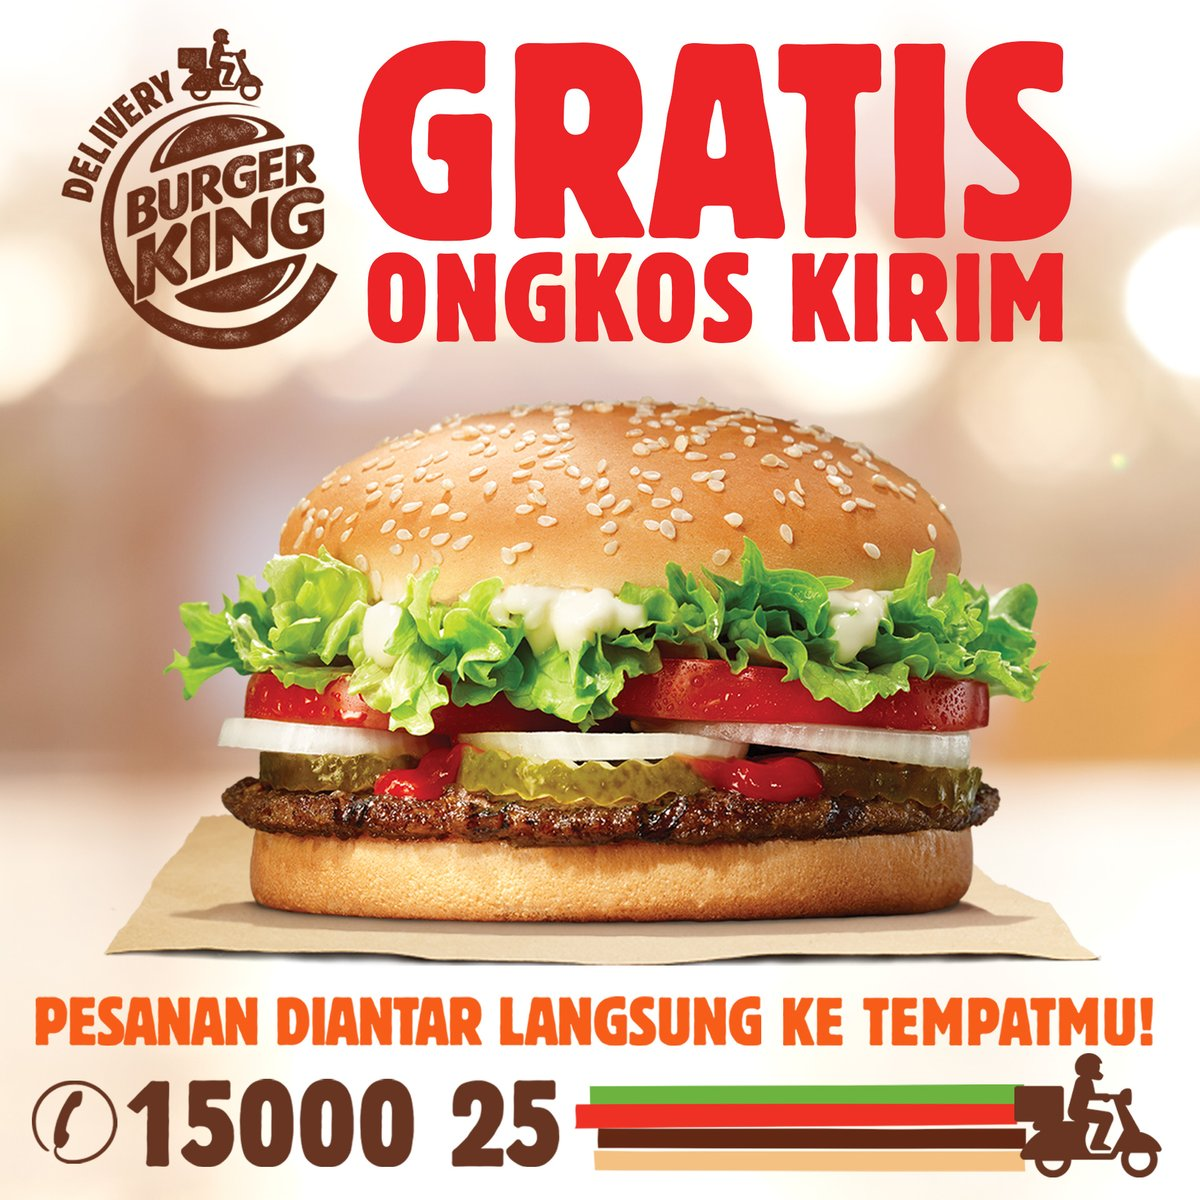 #BurgerKing - Promo Voucher Gratis Ongkir Pesan BK Online (s.d 31 Des 2018)